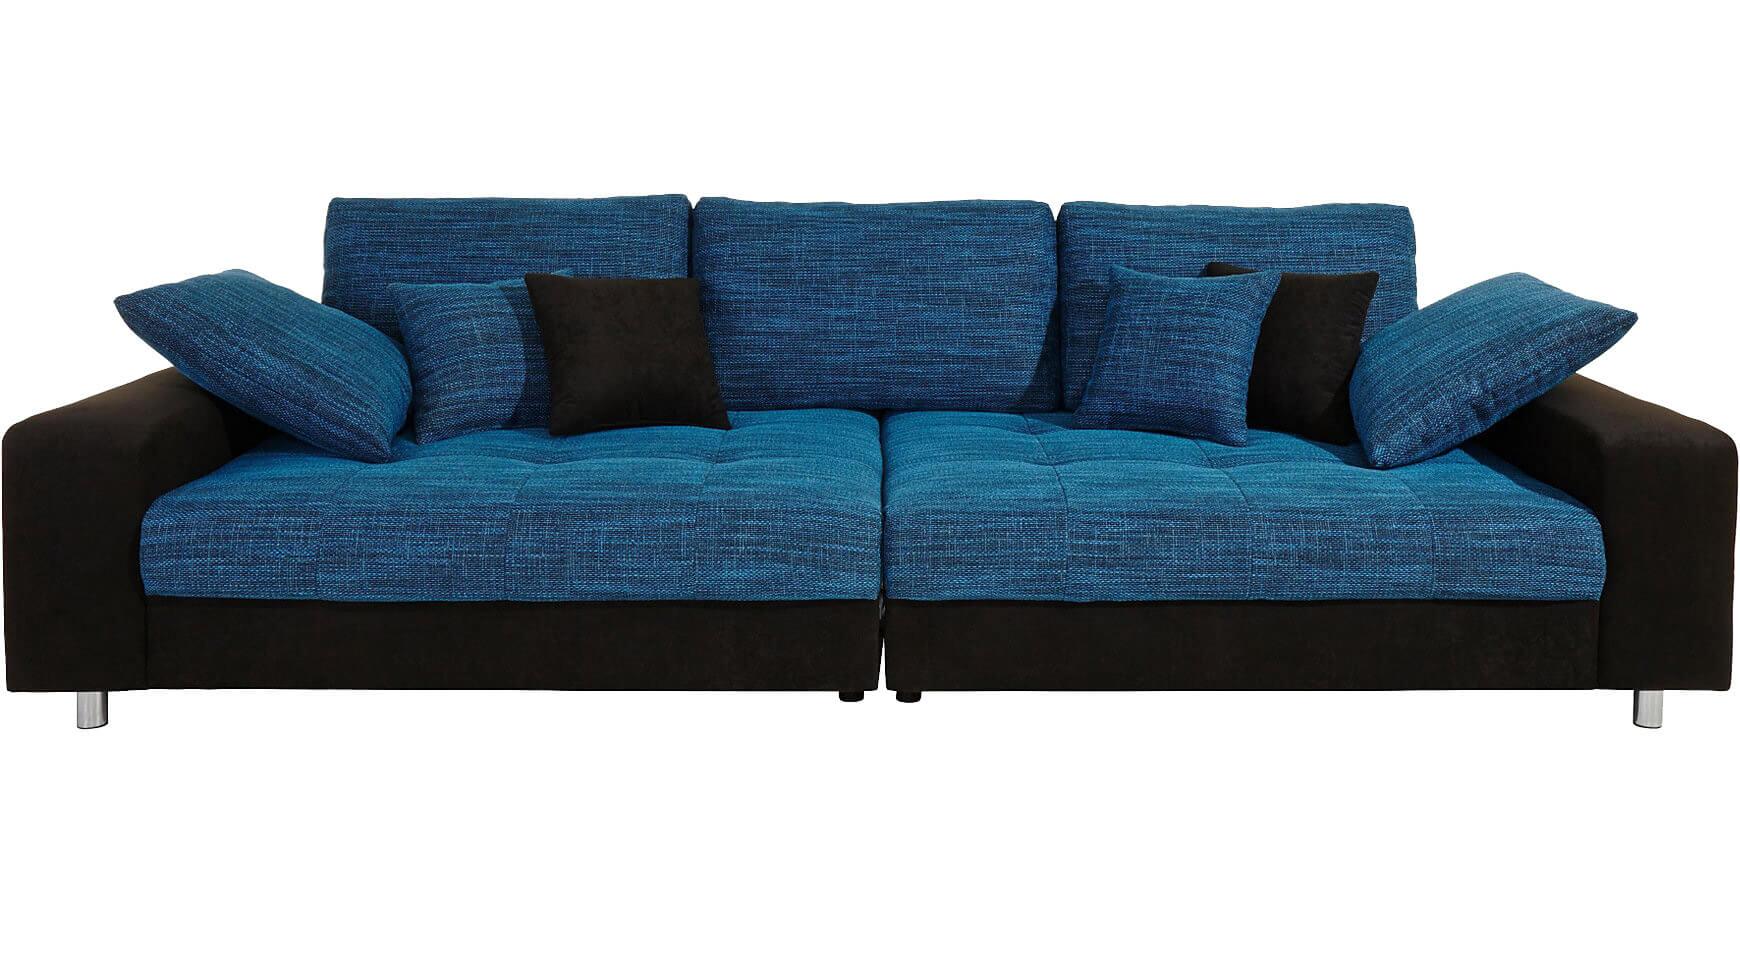 Full Size of Big Sofa Xxl Couch Extragroe Sofas Bestellen Bei Cnouchde Home Affaire Zweisitzer Rund Schlafsofa Liegefläche 180x200 Wohnlandschaft Mit Verstellbarer Sofa Big Sofa Xxl